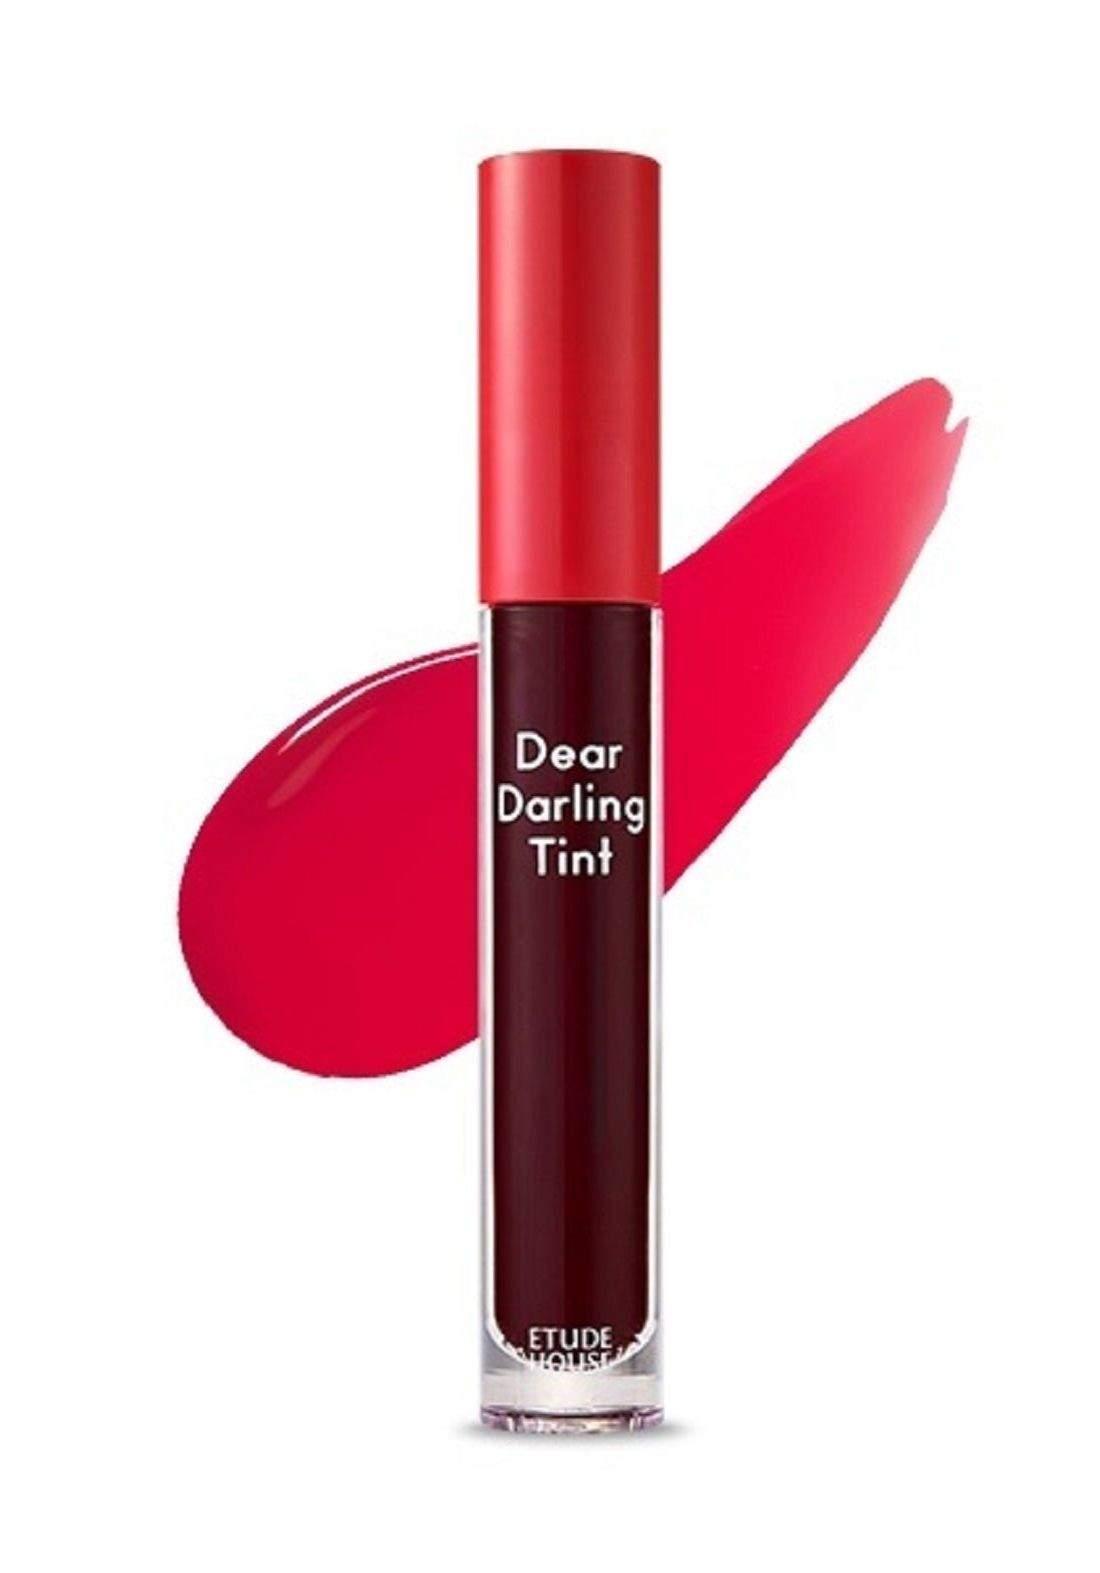 Dear Darling Lip Tint - RD302 تنت كوري من أيتود هاوس